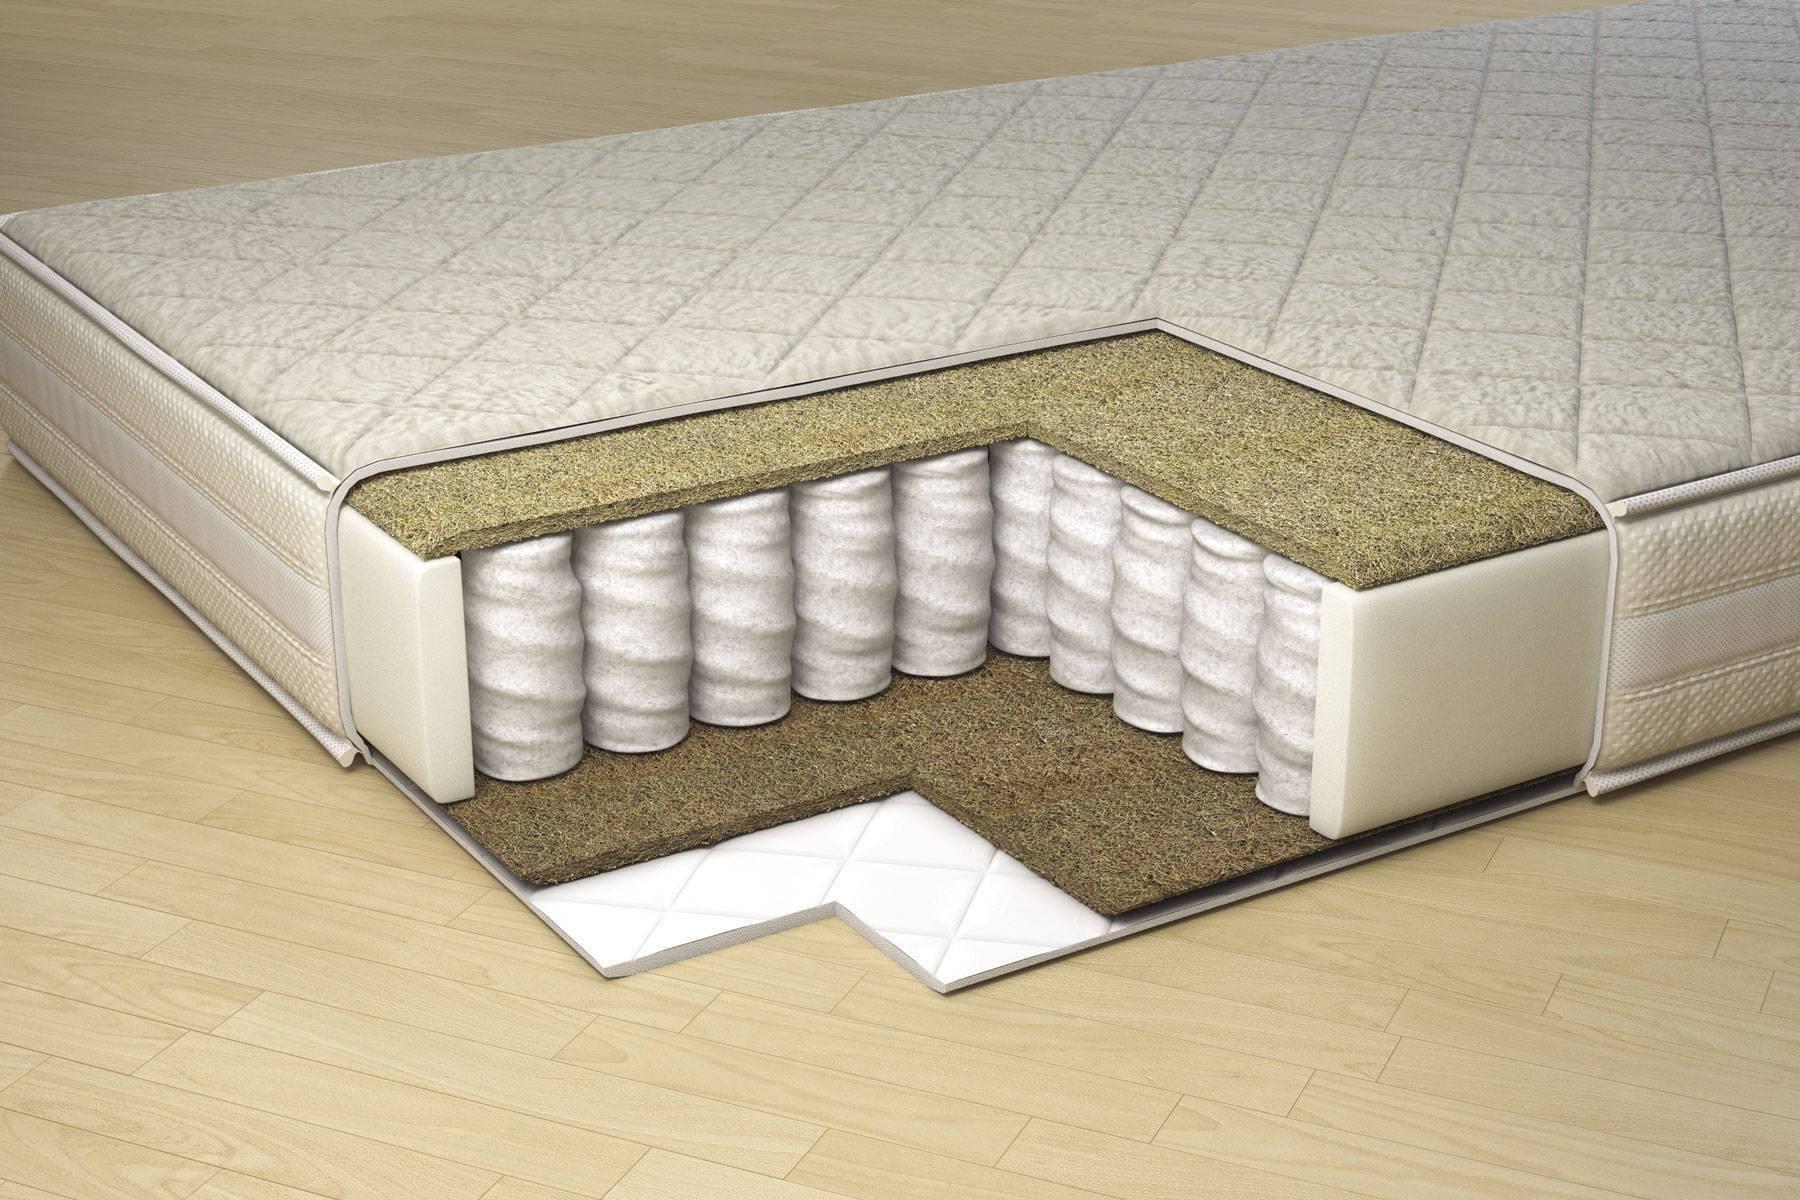 угловой диван на кухню со спальным местом купить в ярославле